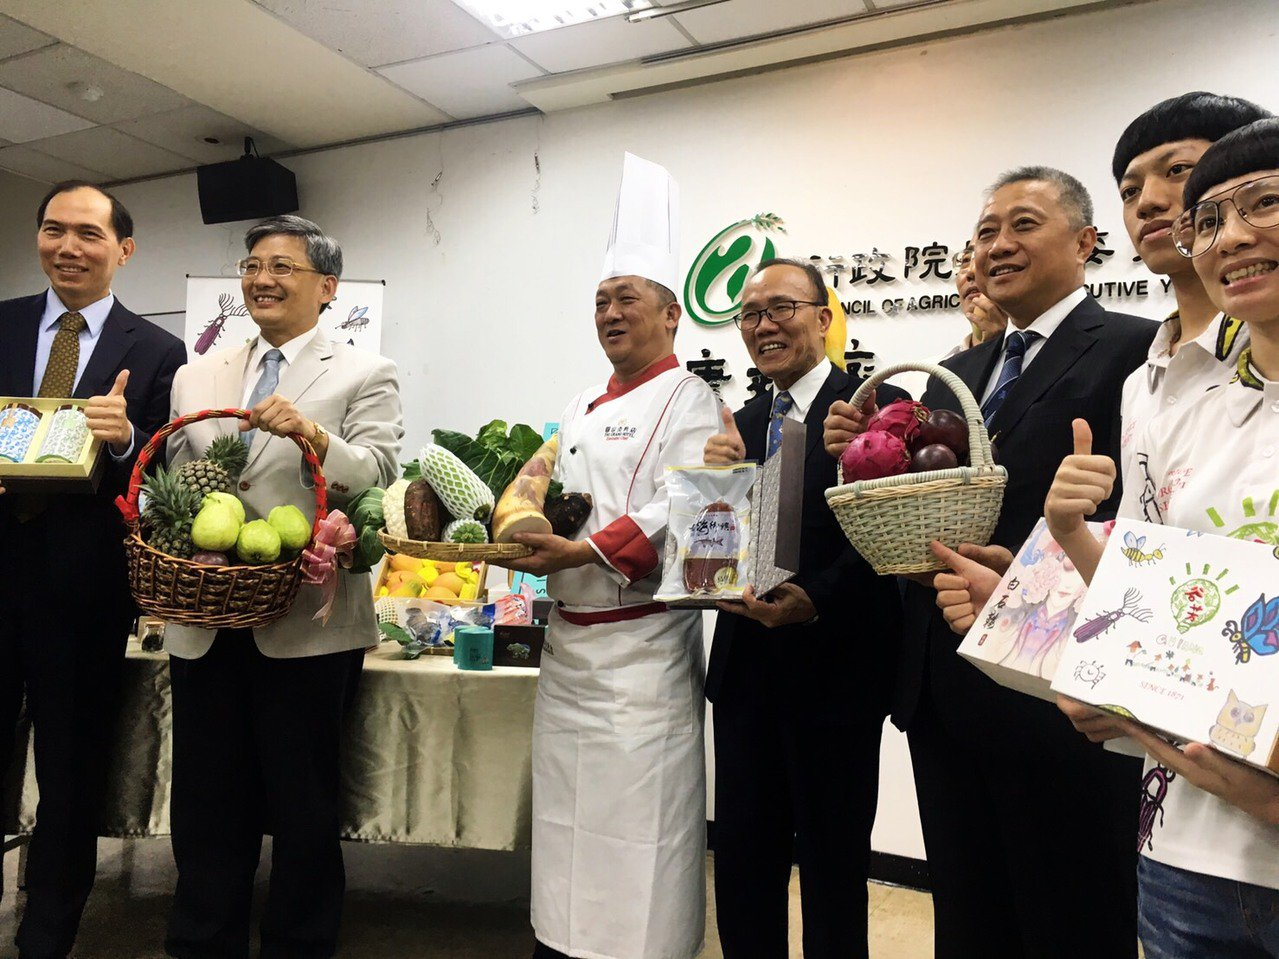 農委會將帶台灣出口業者、農民到俄羅斯談訂單。記者吳姿賢/攝影